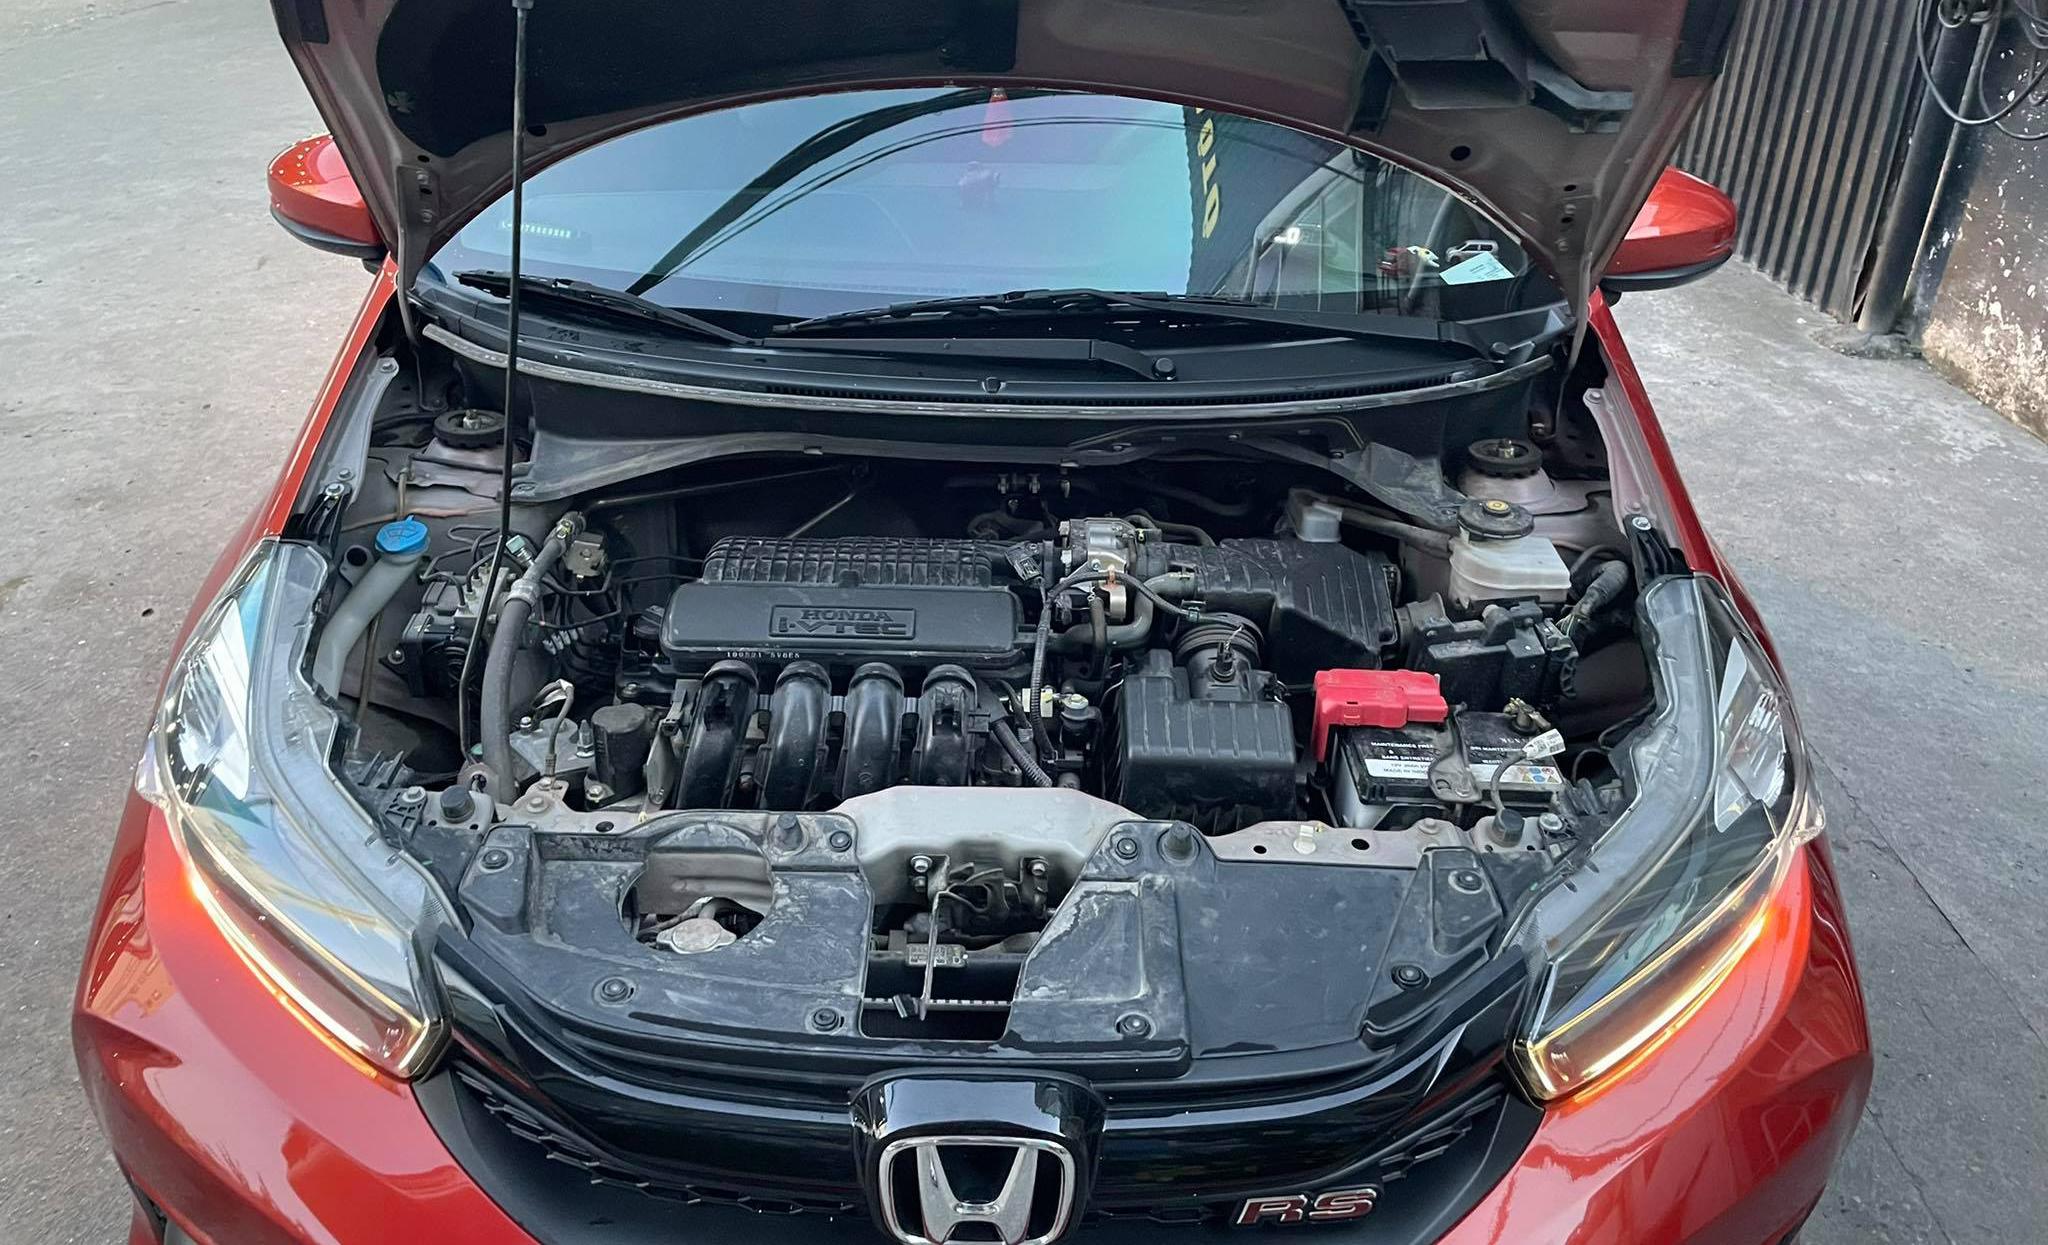 Khoang động cơ trên một mẫu ôtô của Honda. Ảnh: Đoàn Dũng